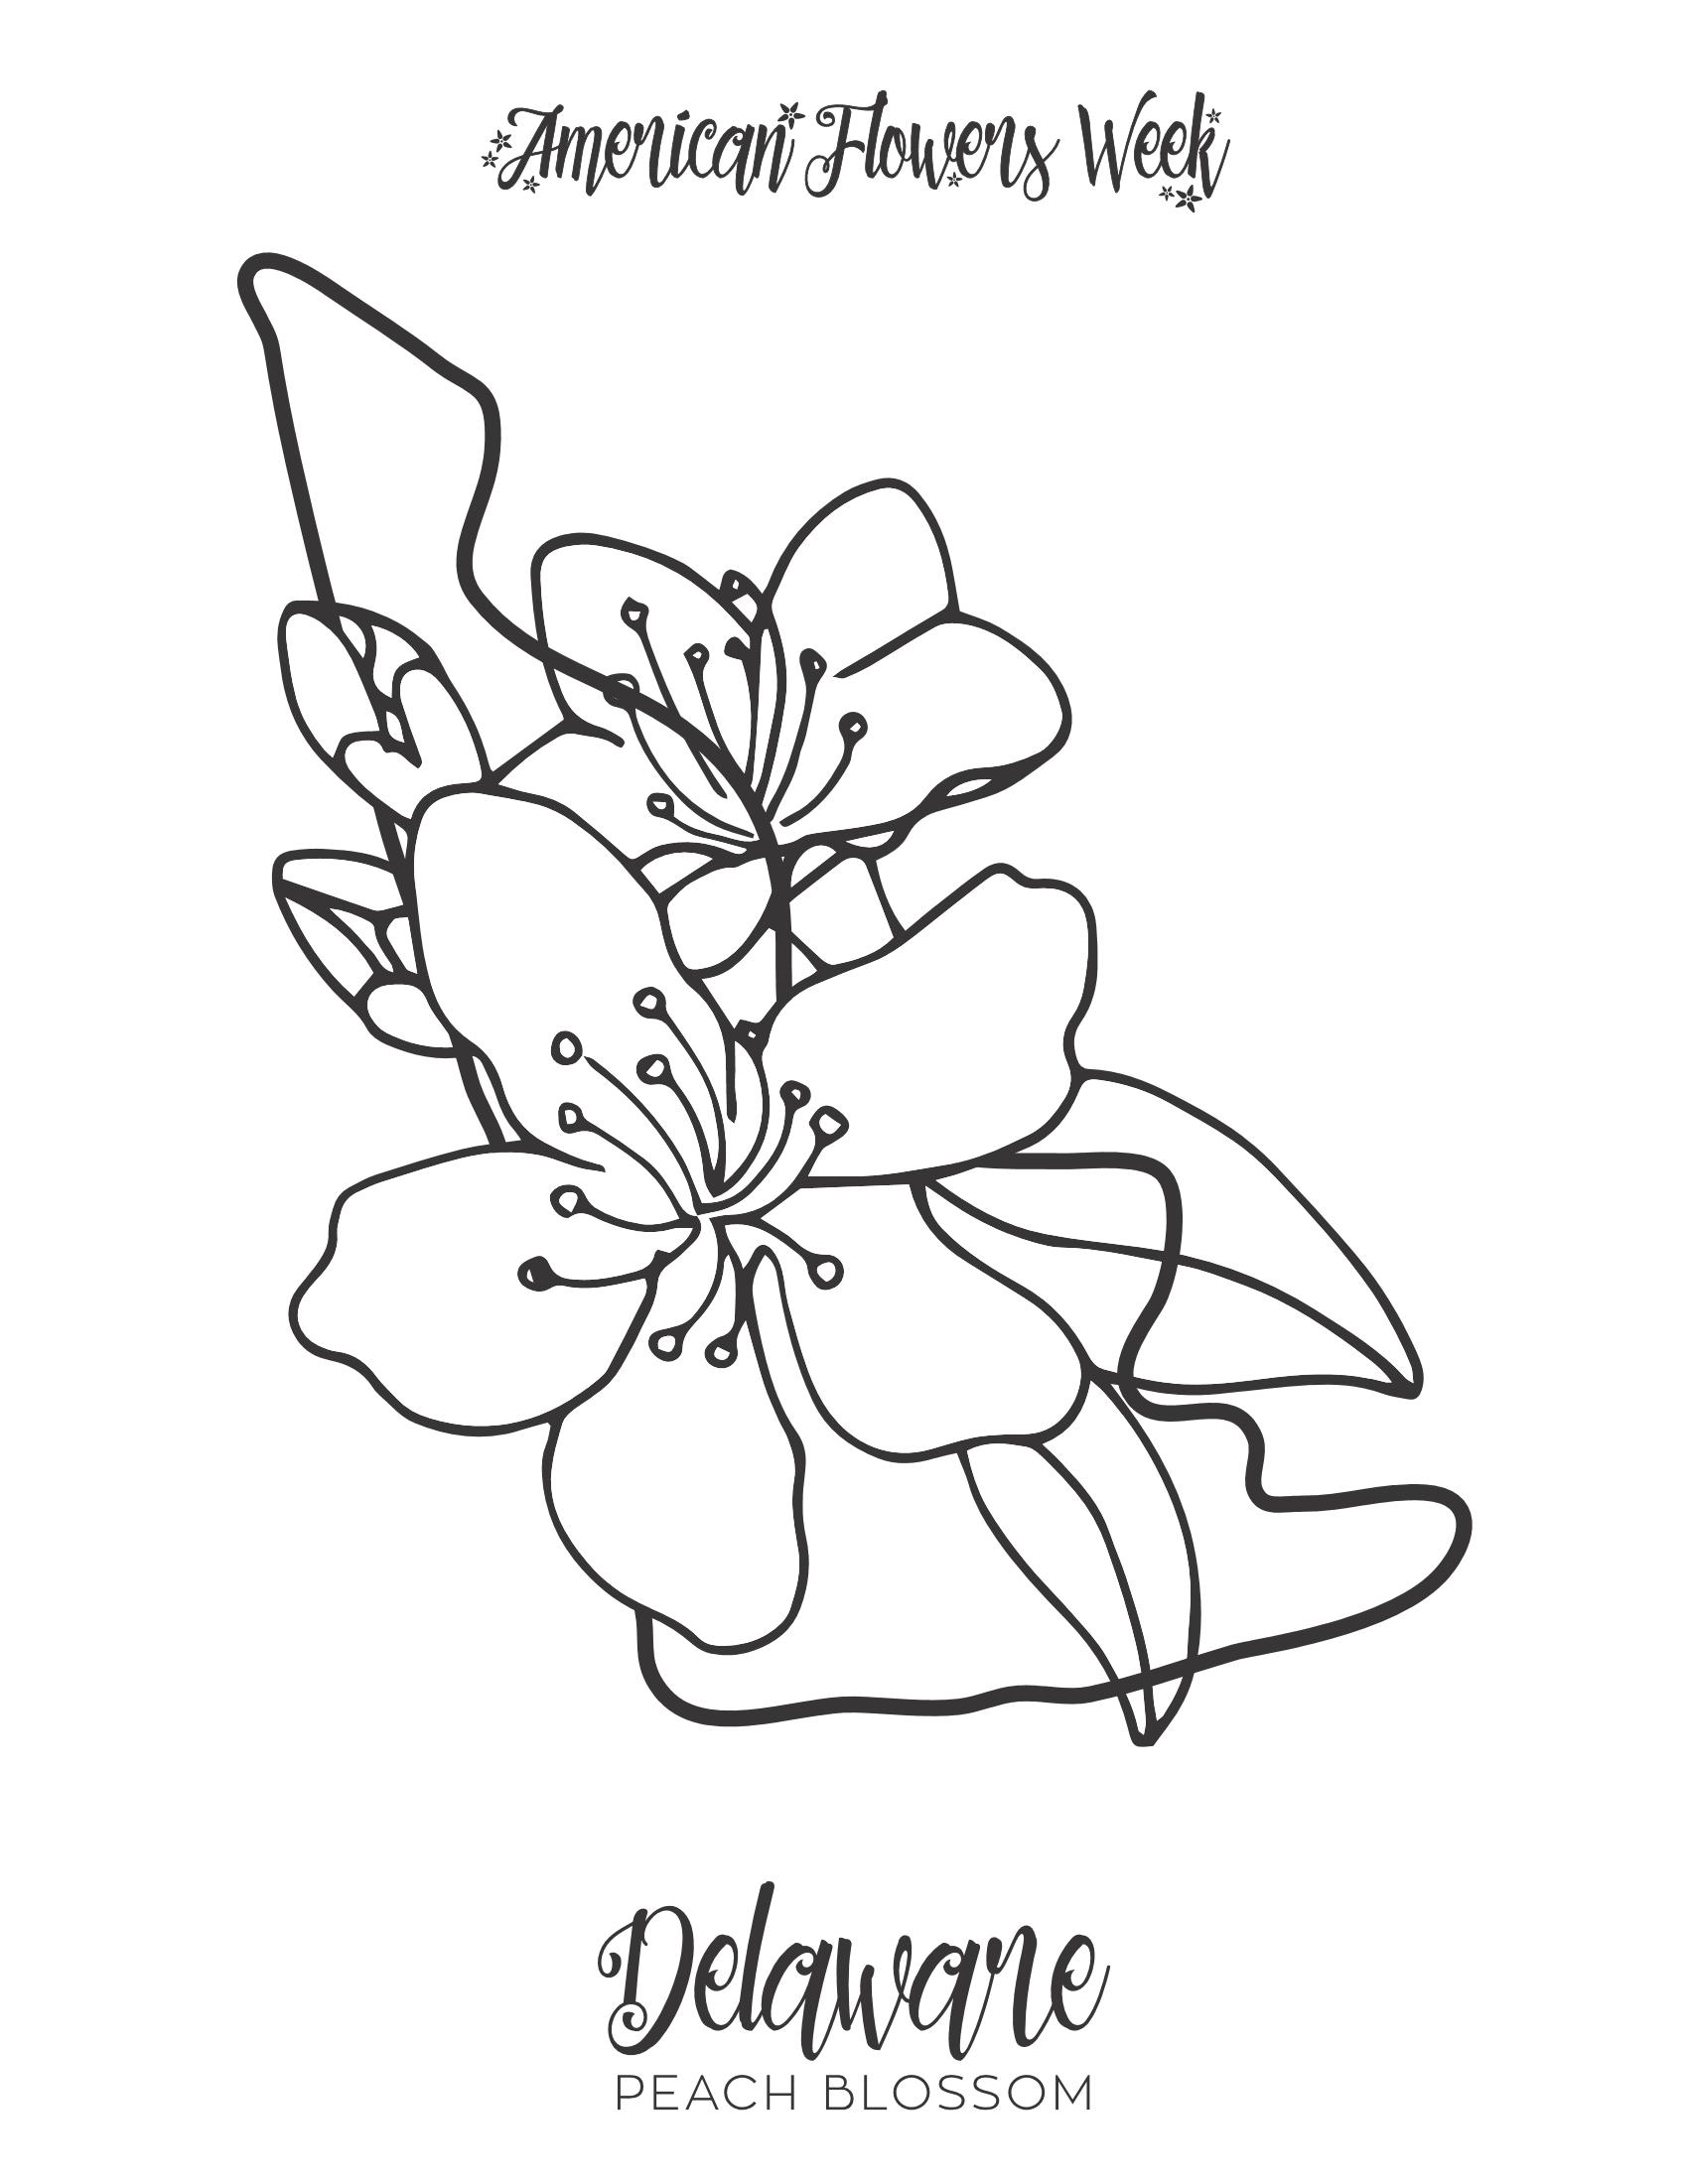 Delaware Peach Blossom PDF